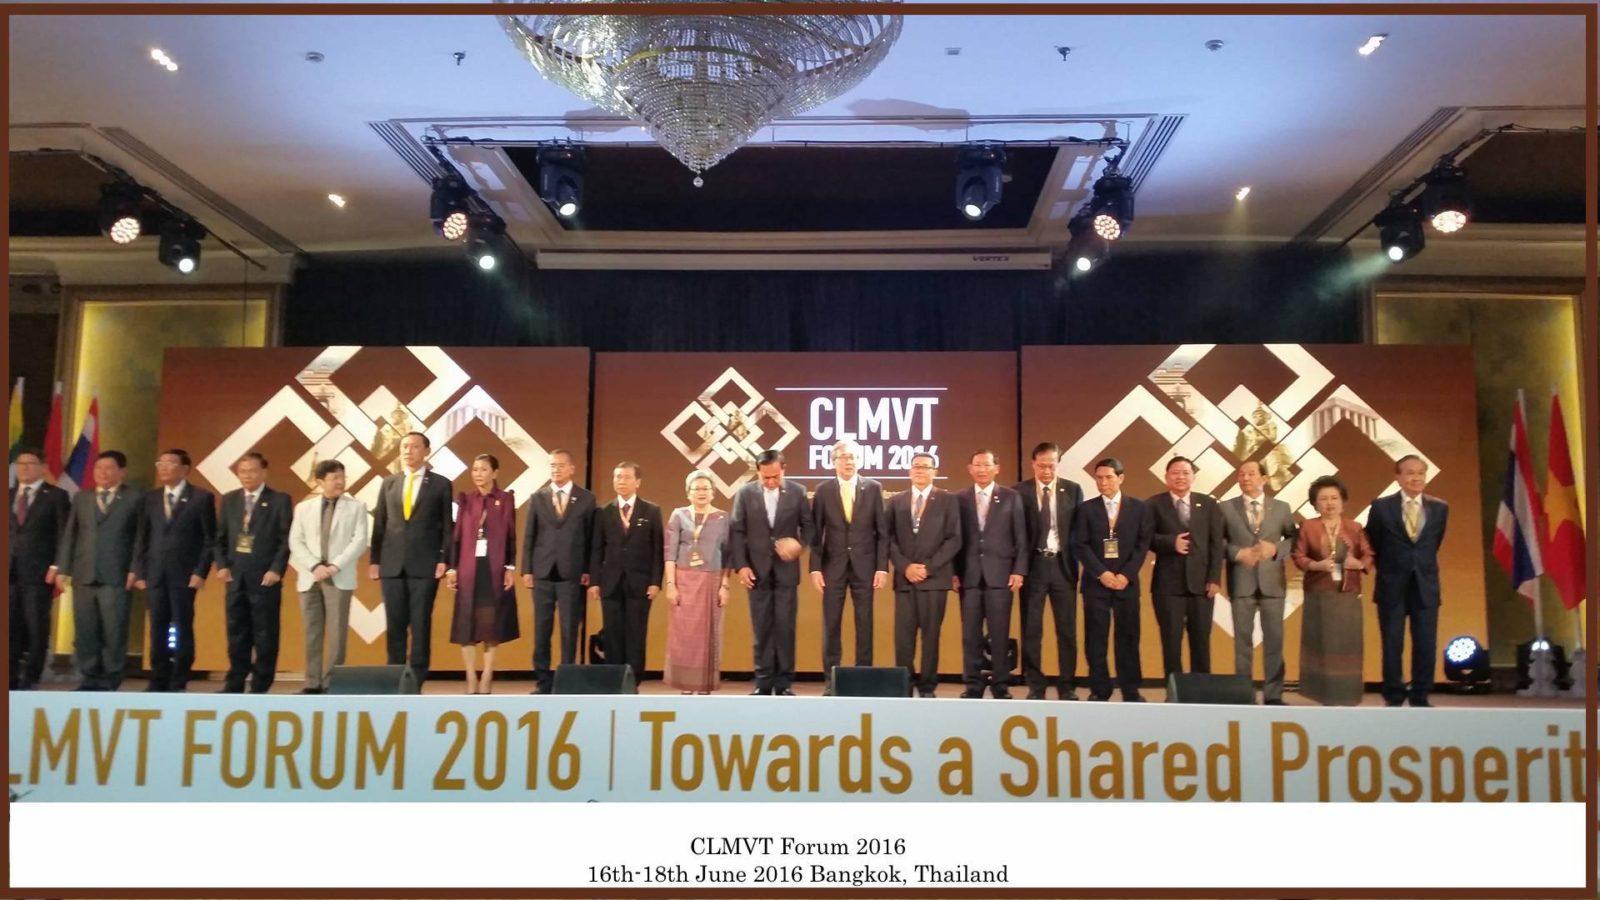 CLMVT Forum 2016